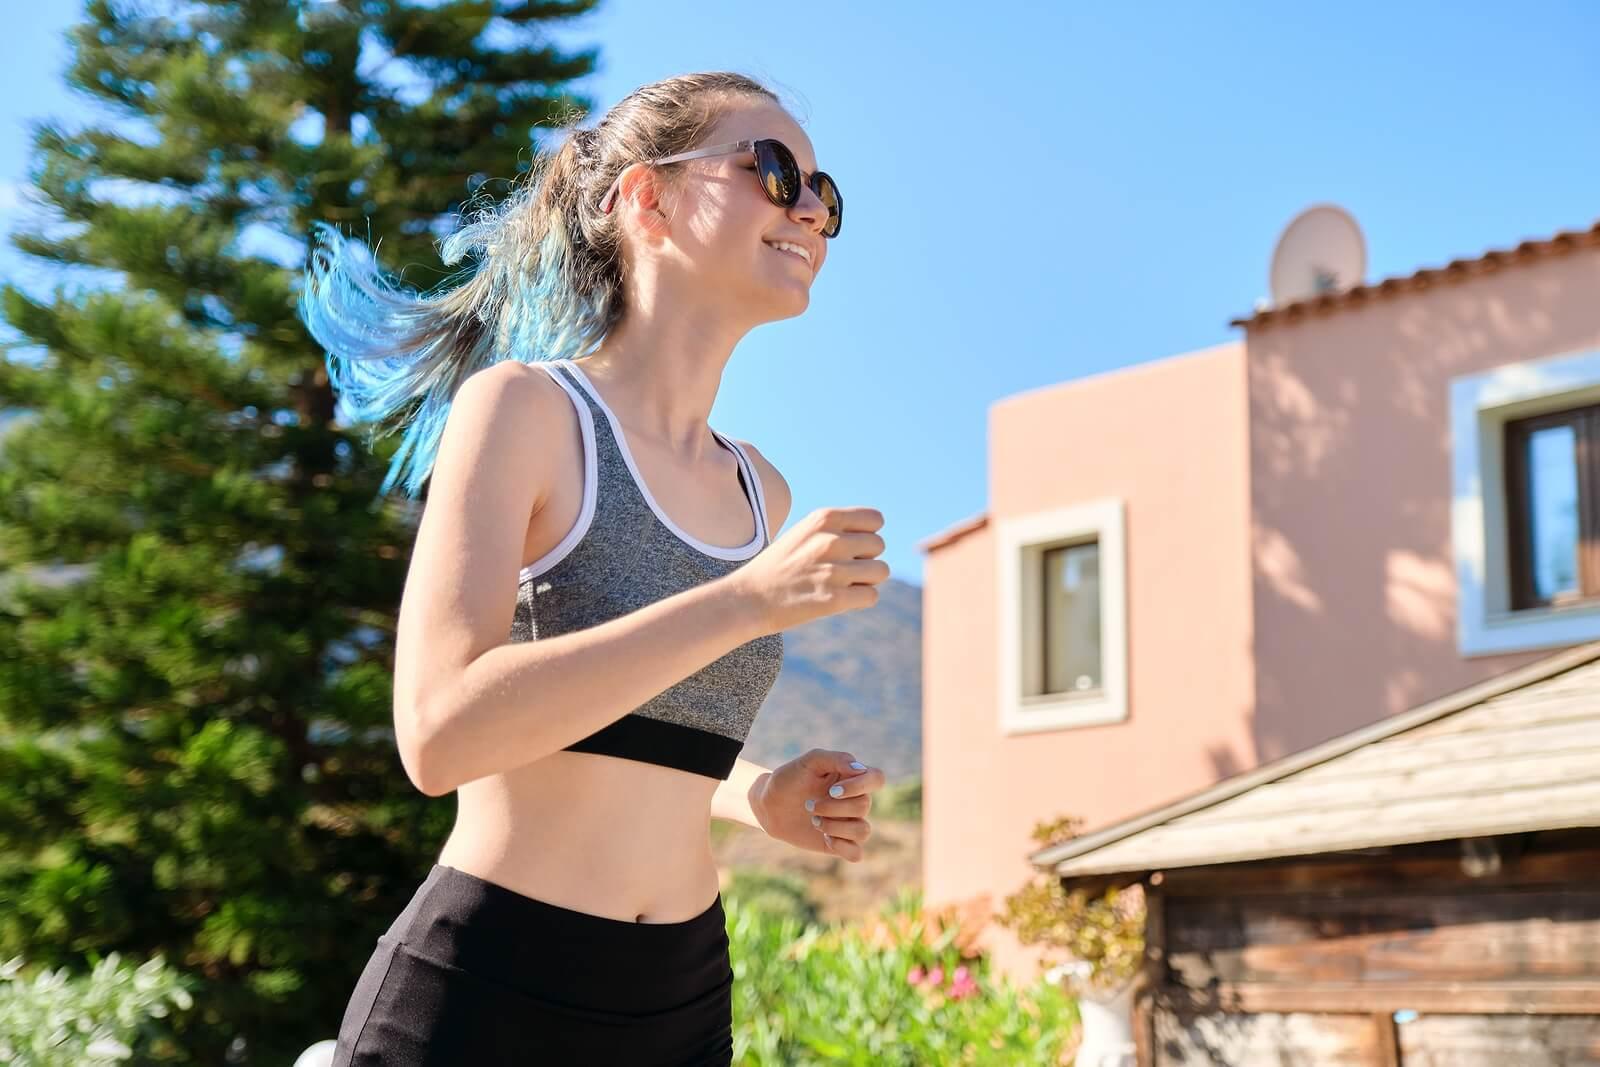 Adolescente haciendo ejercicio físico.